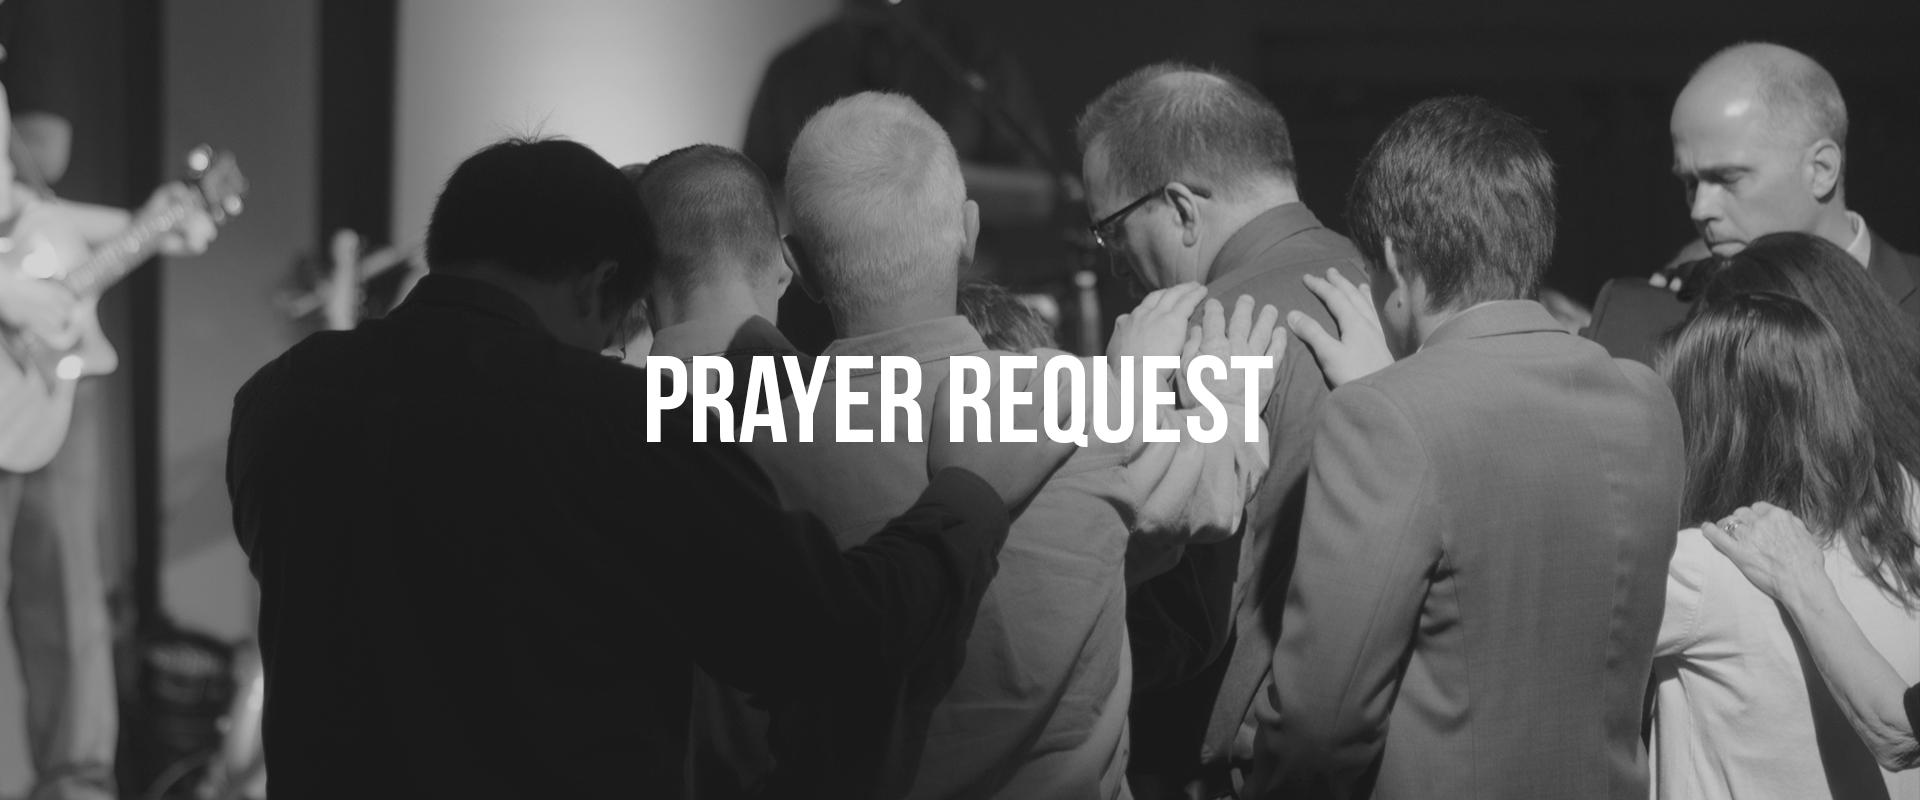 prayer-requests-header-3